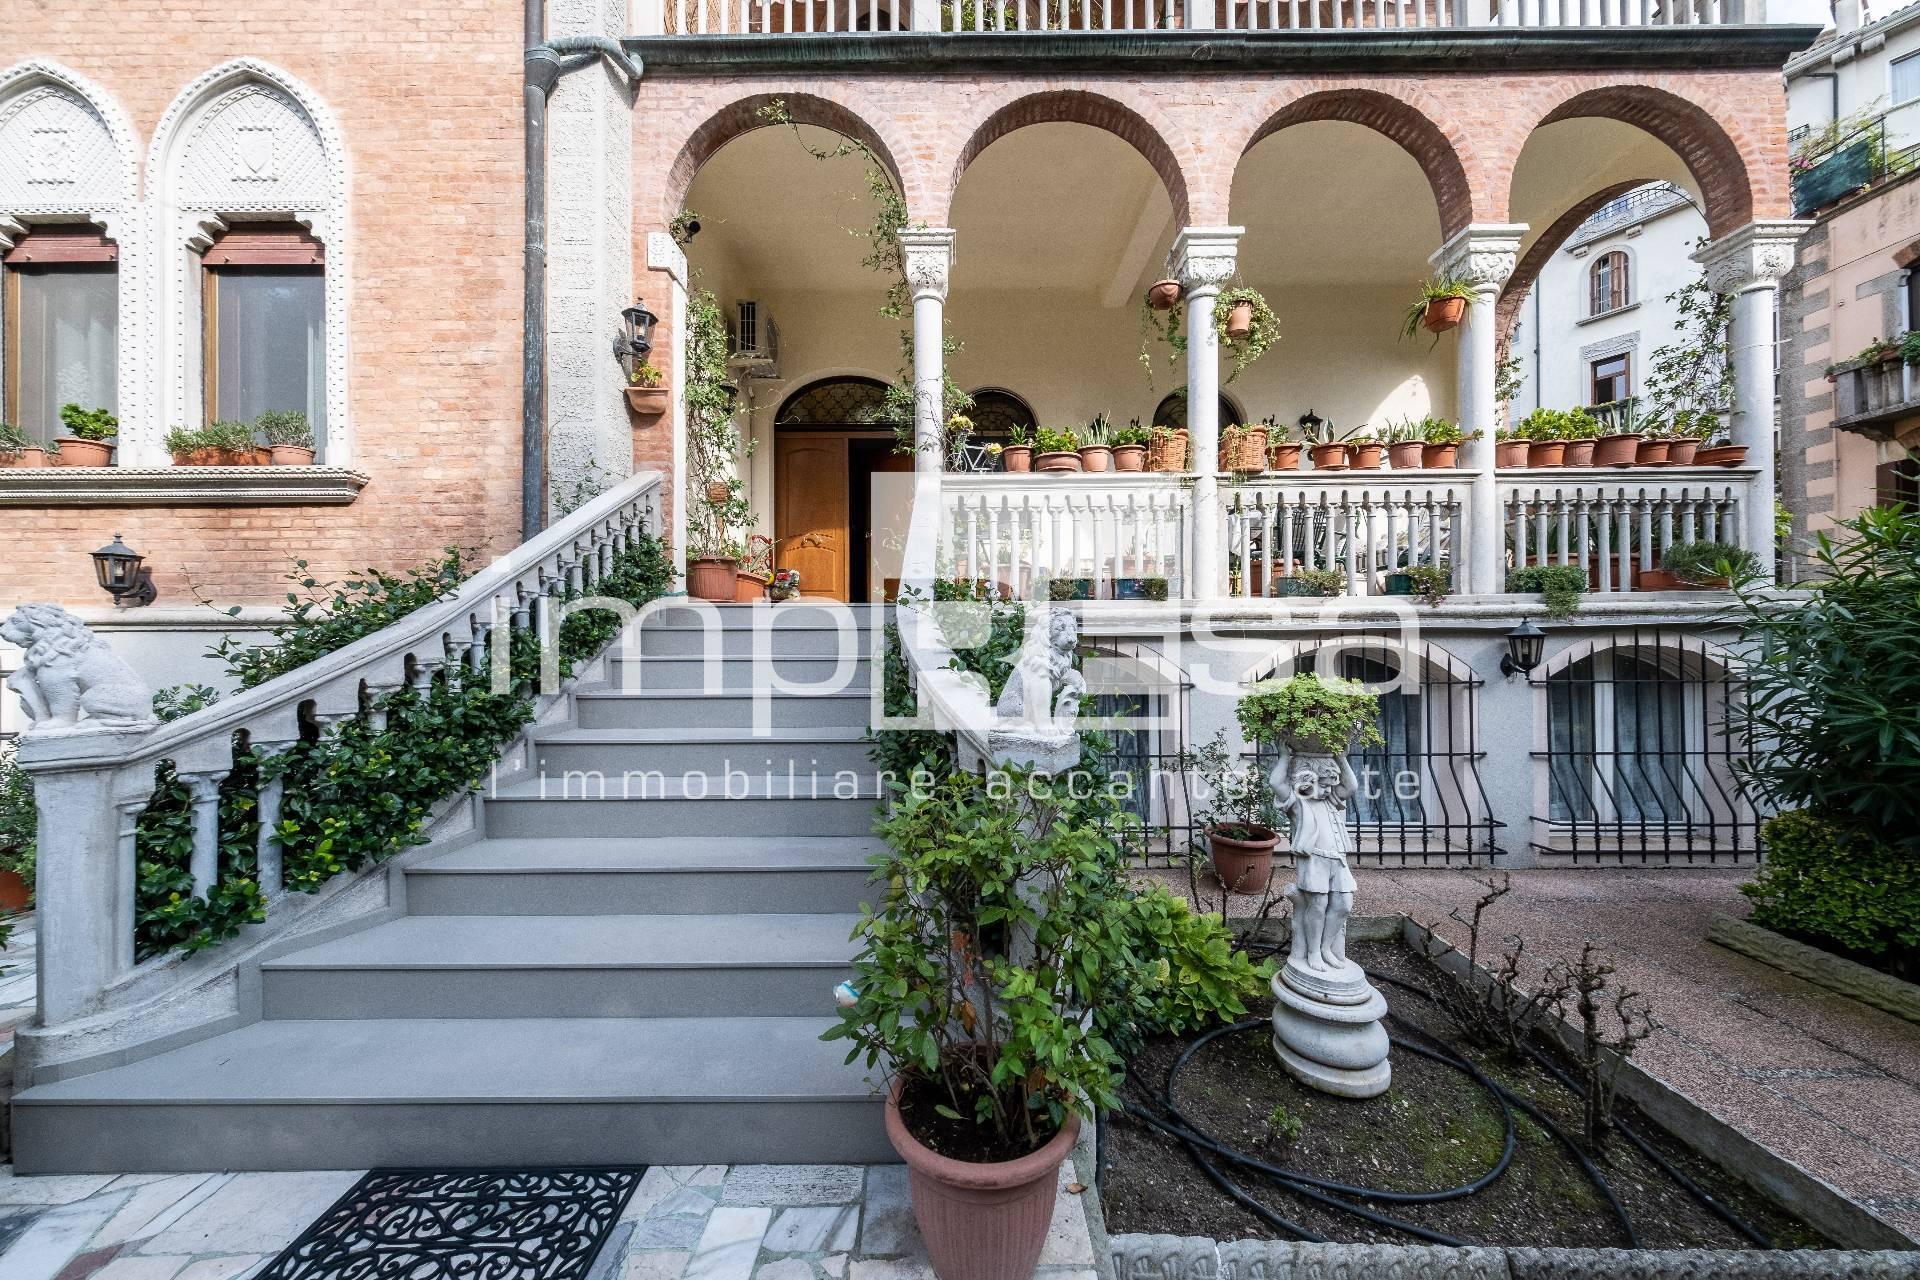 Appartamento in vendita a Venezia, 10 locali, zona Località: LidodiVeneziacentro, prezzo € 990.000 | PortaleAgenzieImmobiliari.it